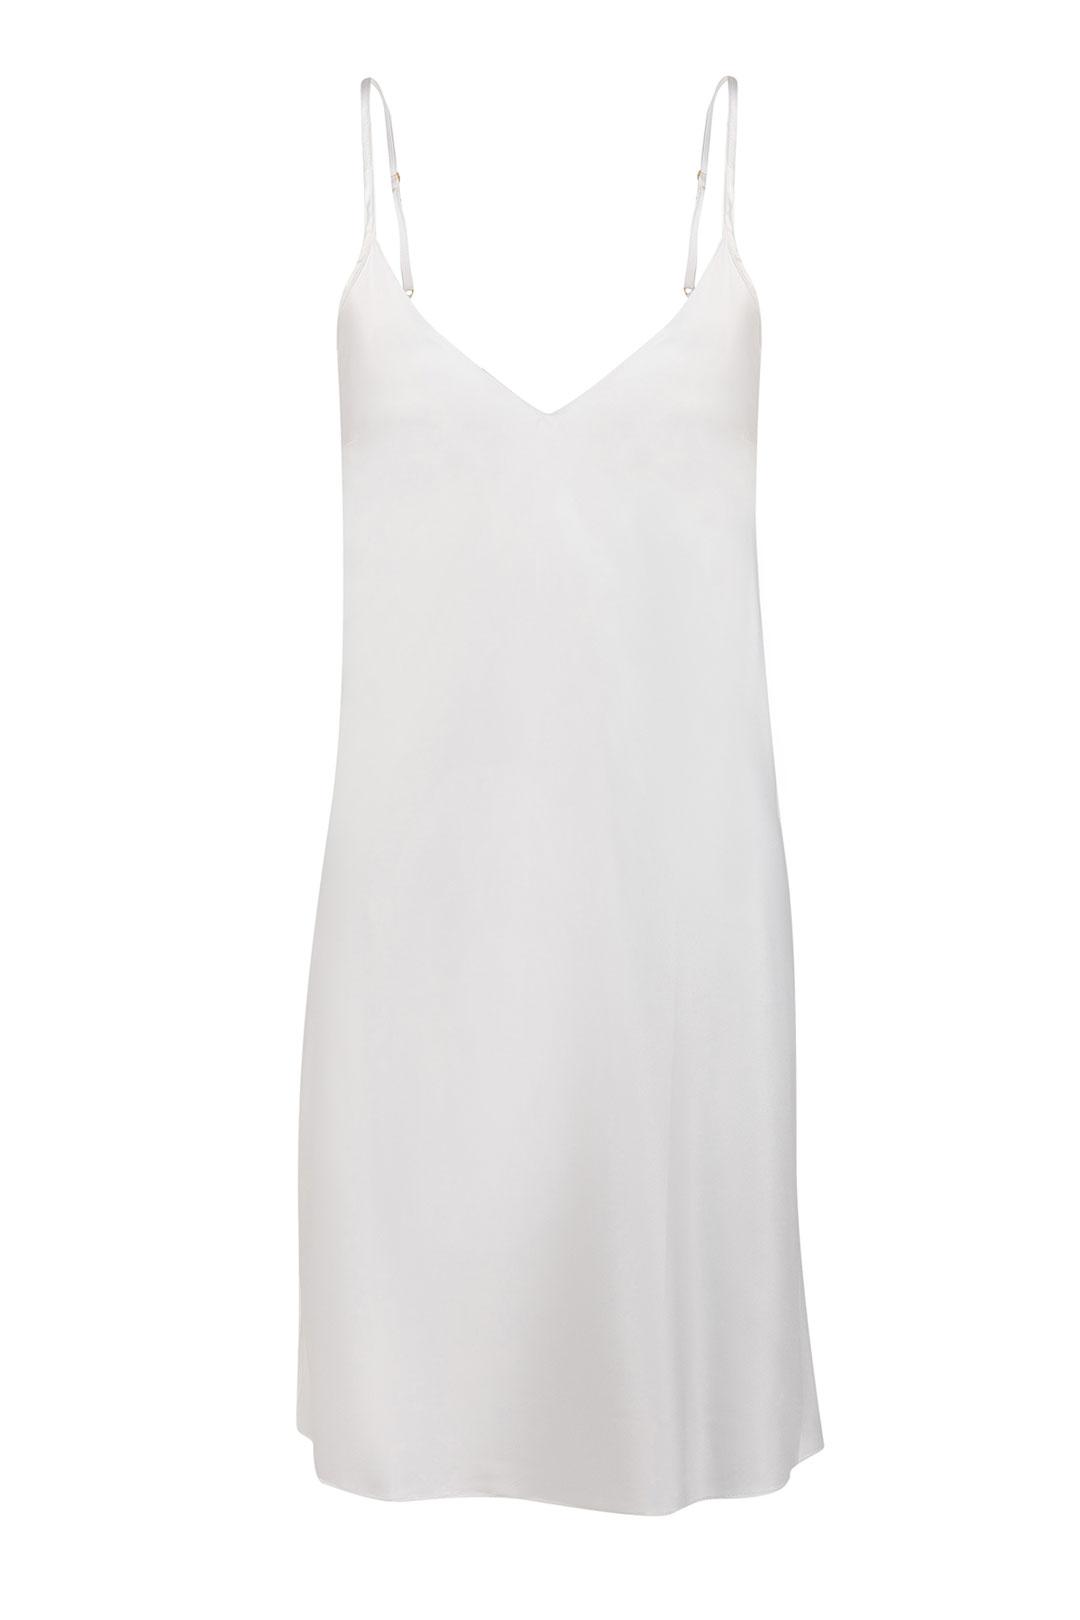 Camisola Cetim Básico Branco